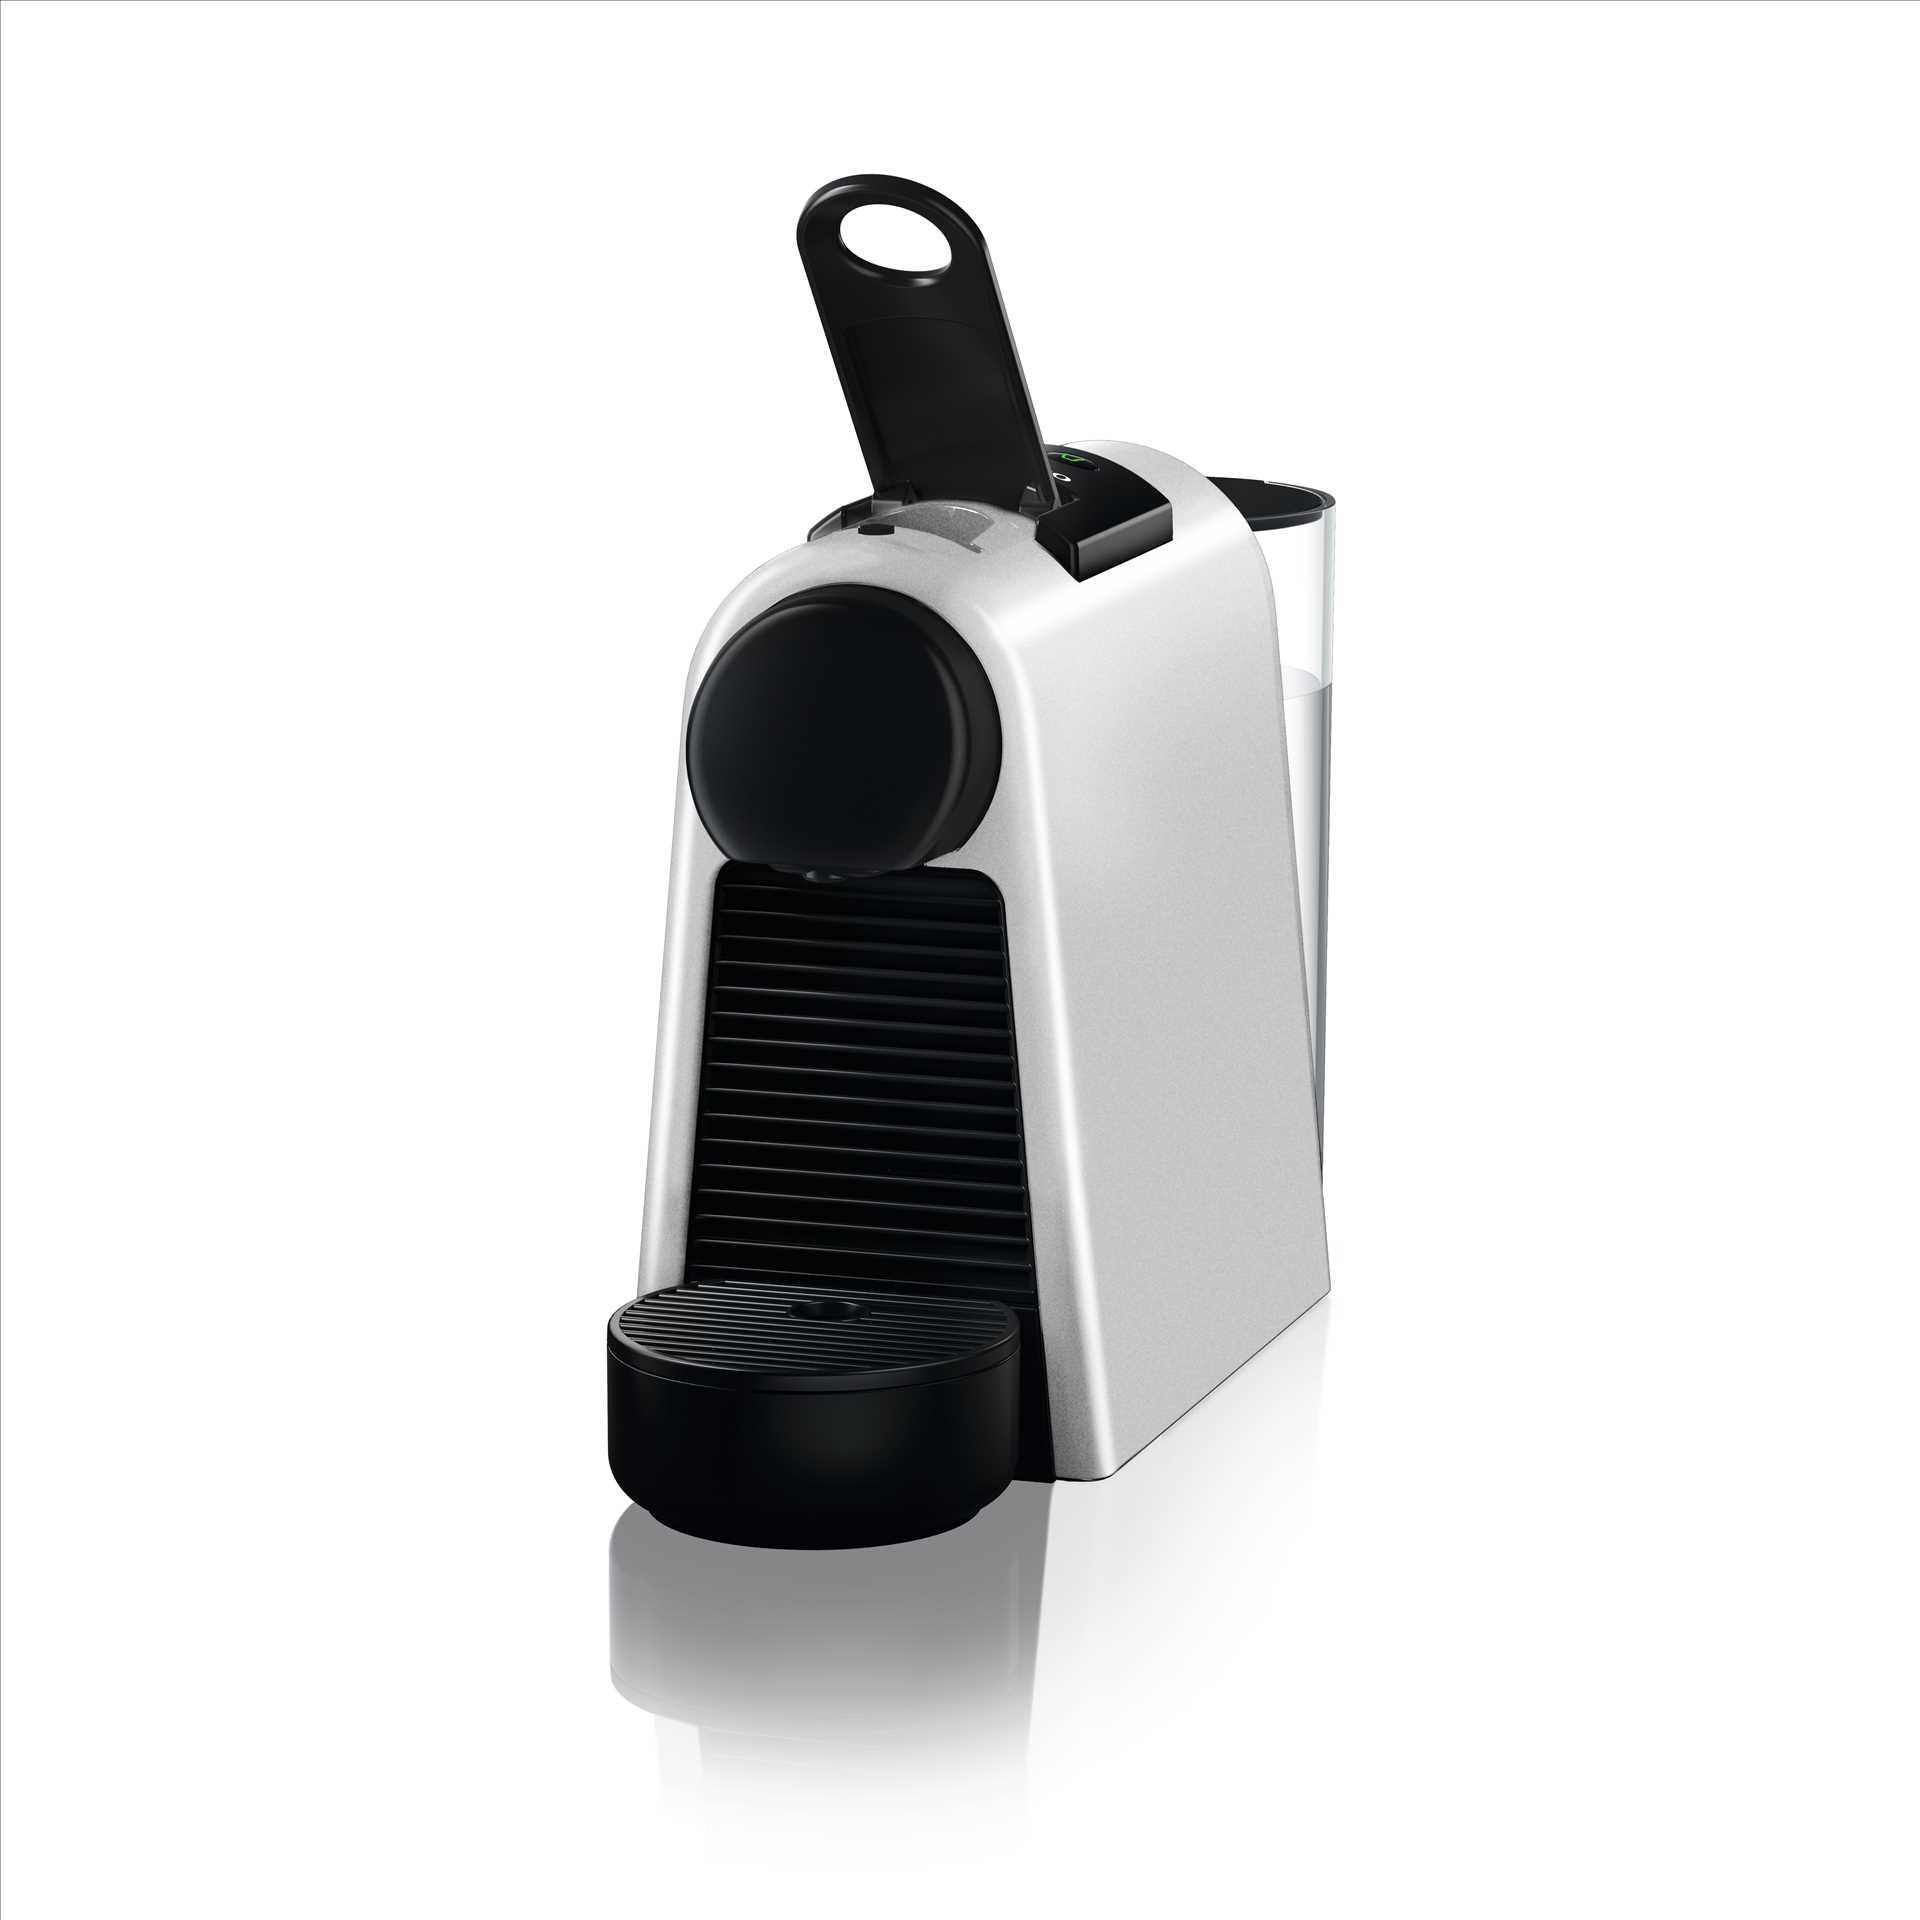 מכונת אספרסו Nespresso Essenza Mini D30 נספרסו בגוון כסוף מט (מהדורה מוגבלת) - תמונה 4